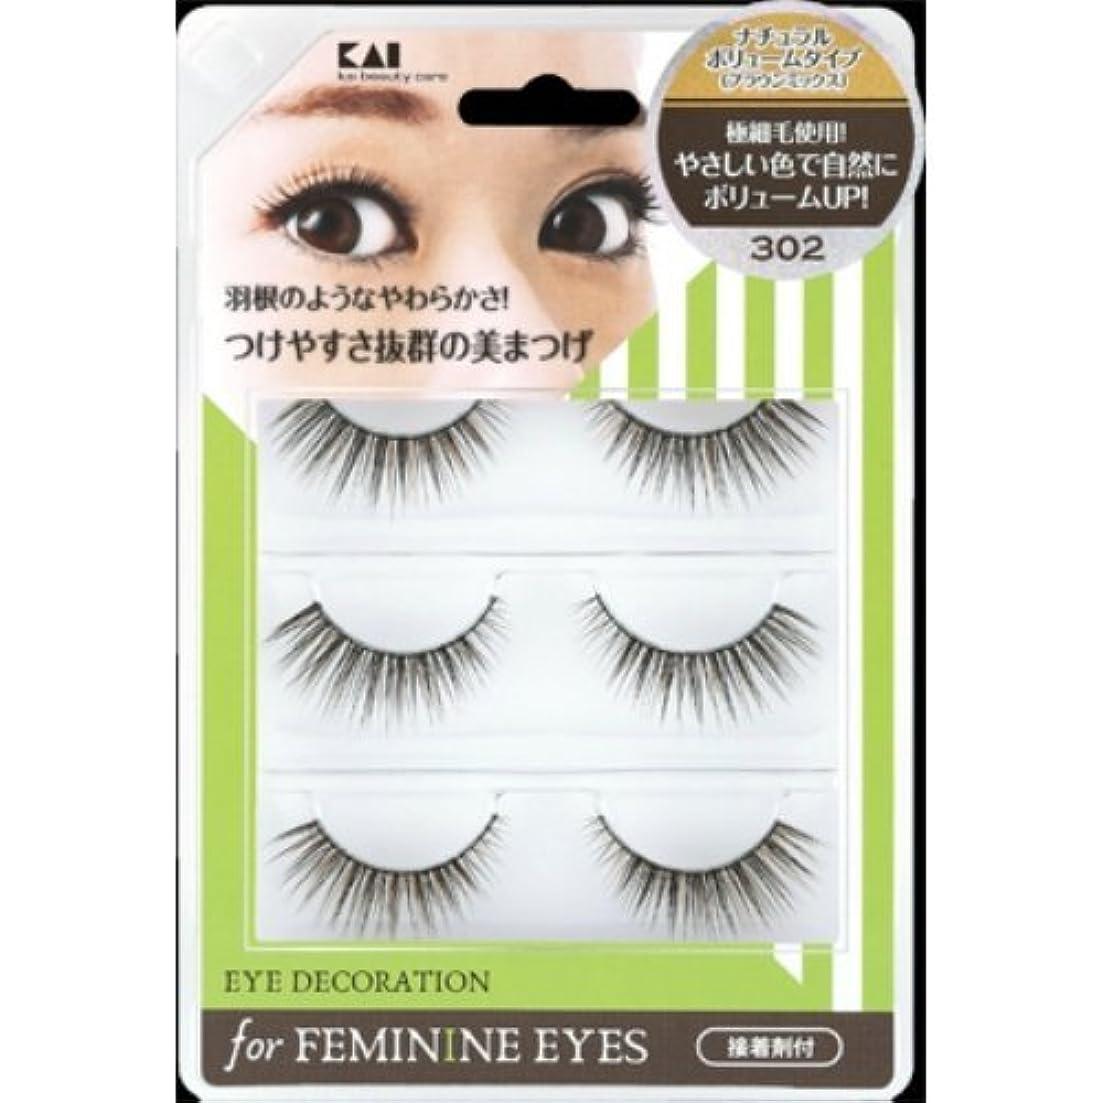 符号を必要としています規制貝印 アイデコレーション for feminine eyes 302 HC1562